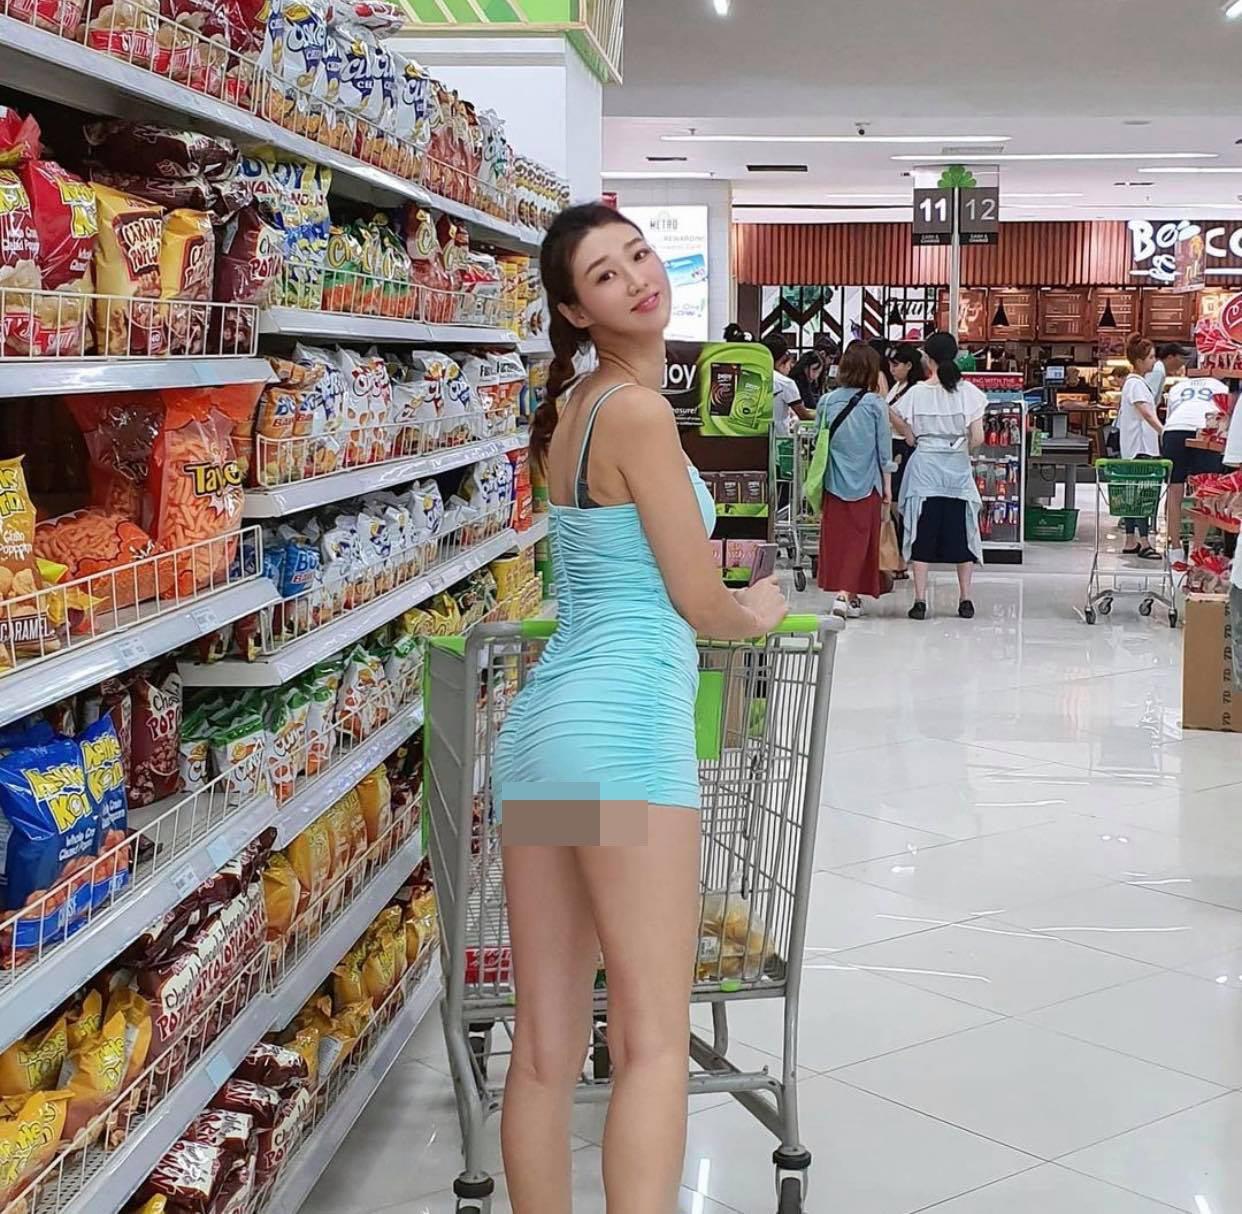 """Người đẹp Hàn Quốc """"gặp hoạ"""" trong siêu thị, nhà sách vì váy áo ngắn chẳng tày gang - 1"""